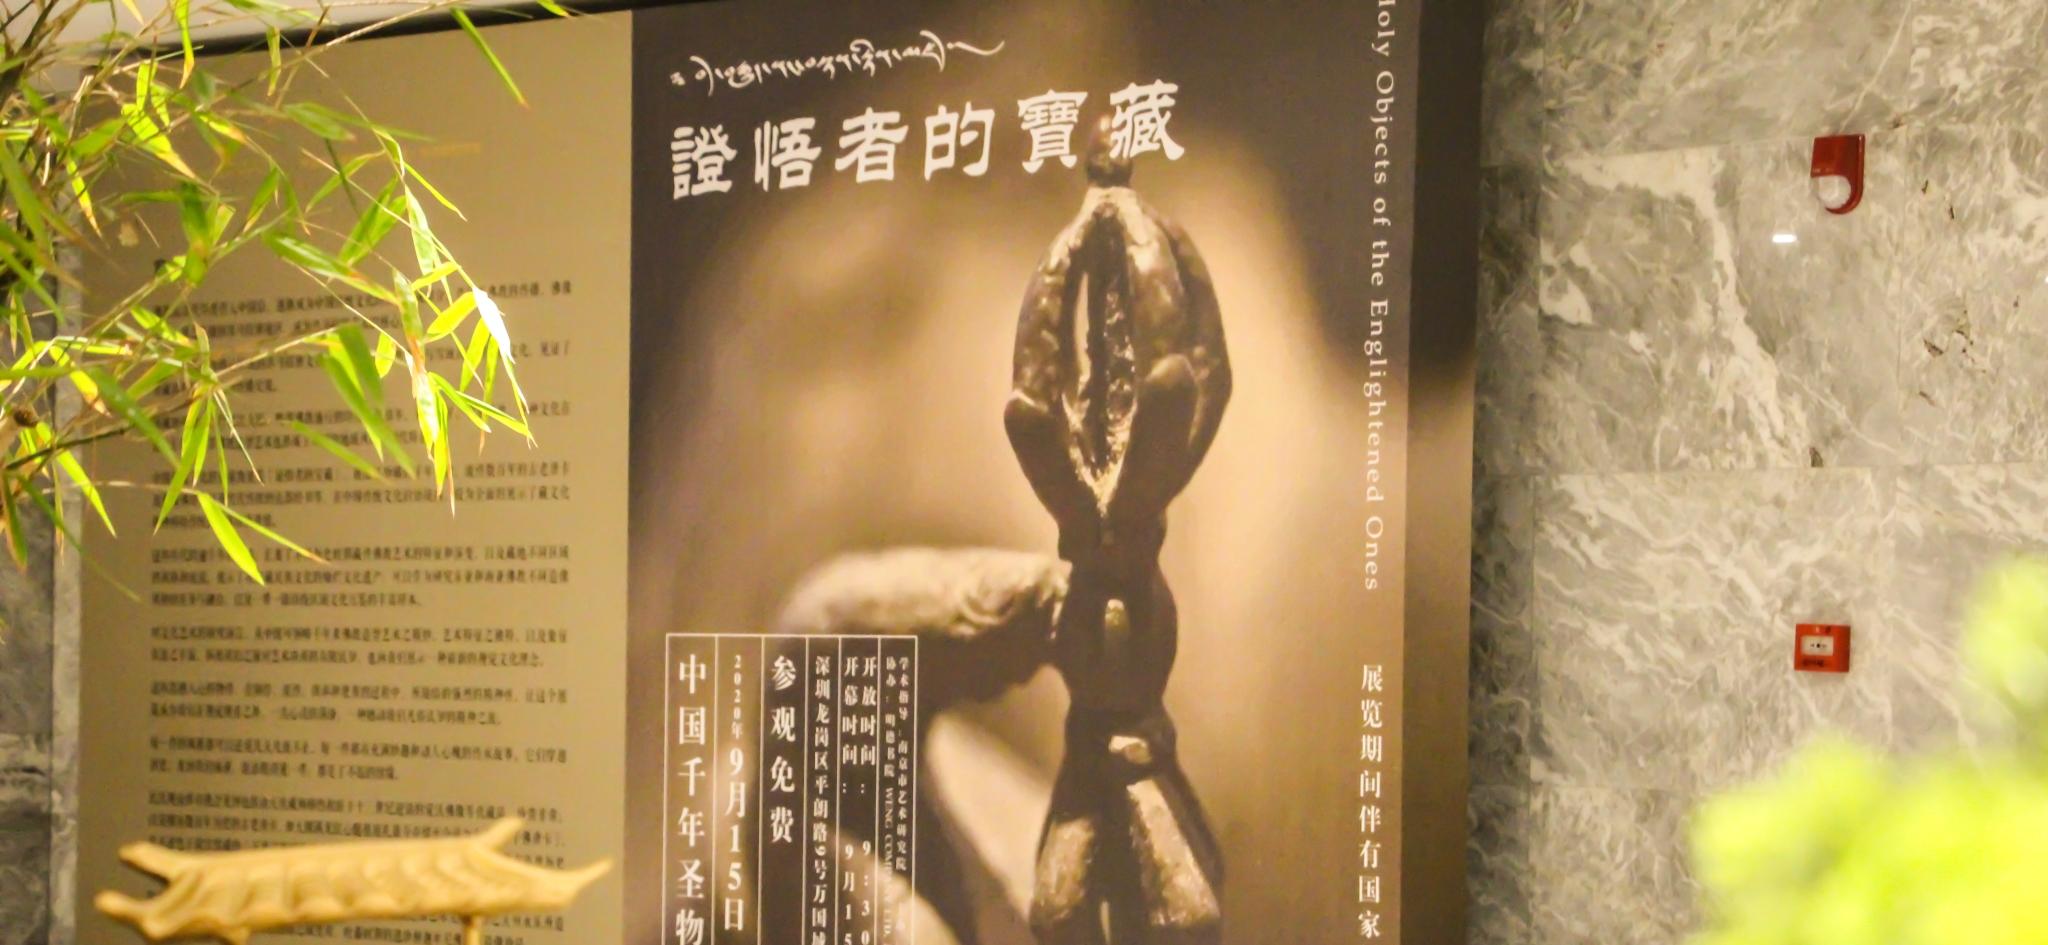 千年圣物收藏艺术展【证悟者的宝藏】现身明德书院深圳国学馆